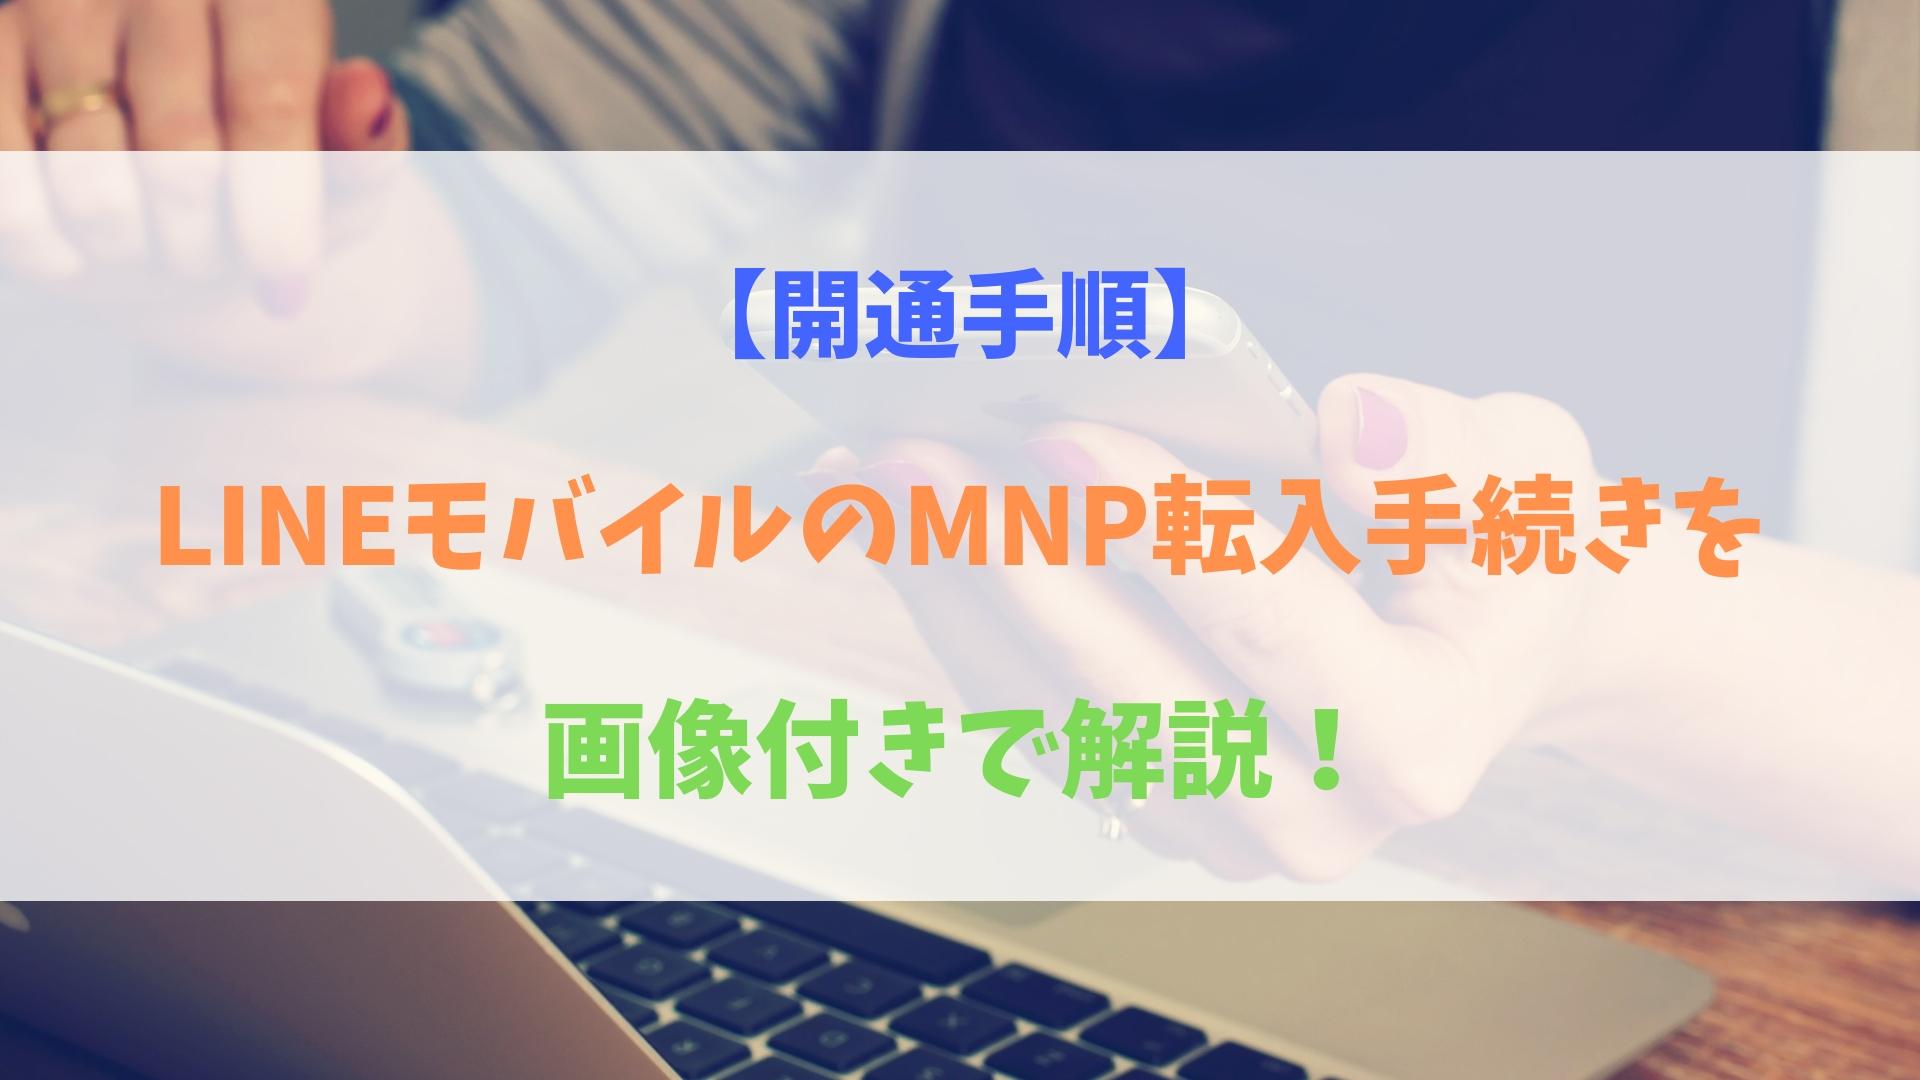 開通手順 LINEモバイルのMNP転入手続きを画像付きで解説!開通手順 LINEモバイルのMNP転入手続きを画像付きで解説!